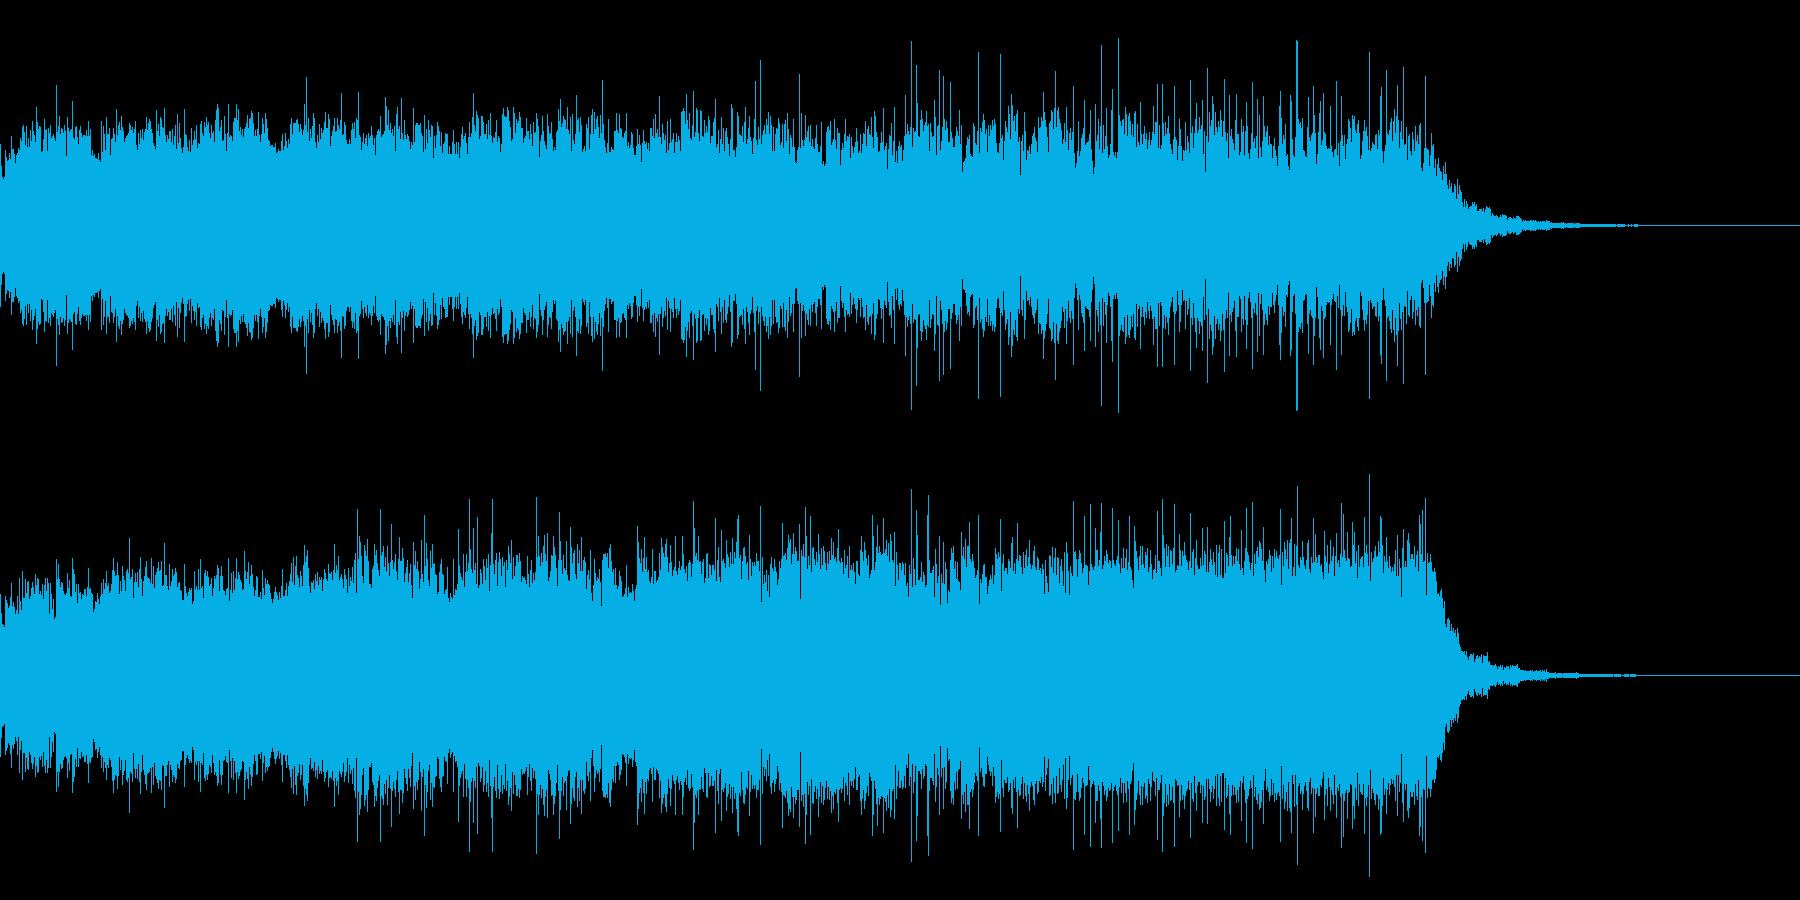 不気味な雰囲気のbgmの再生済みの波形